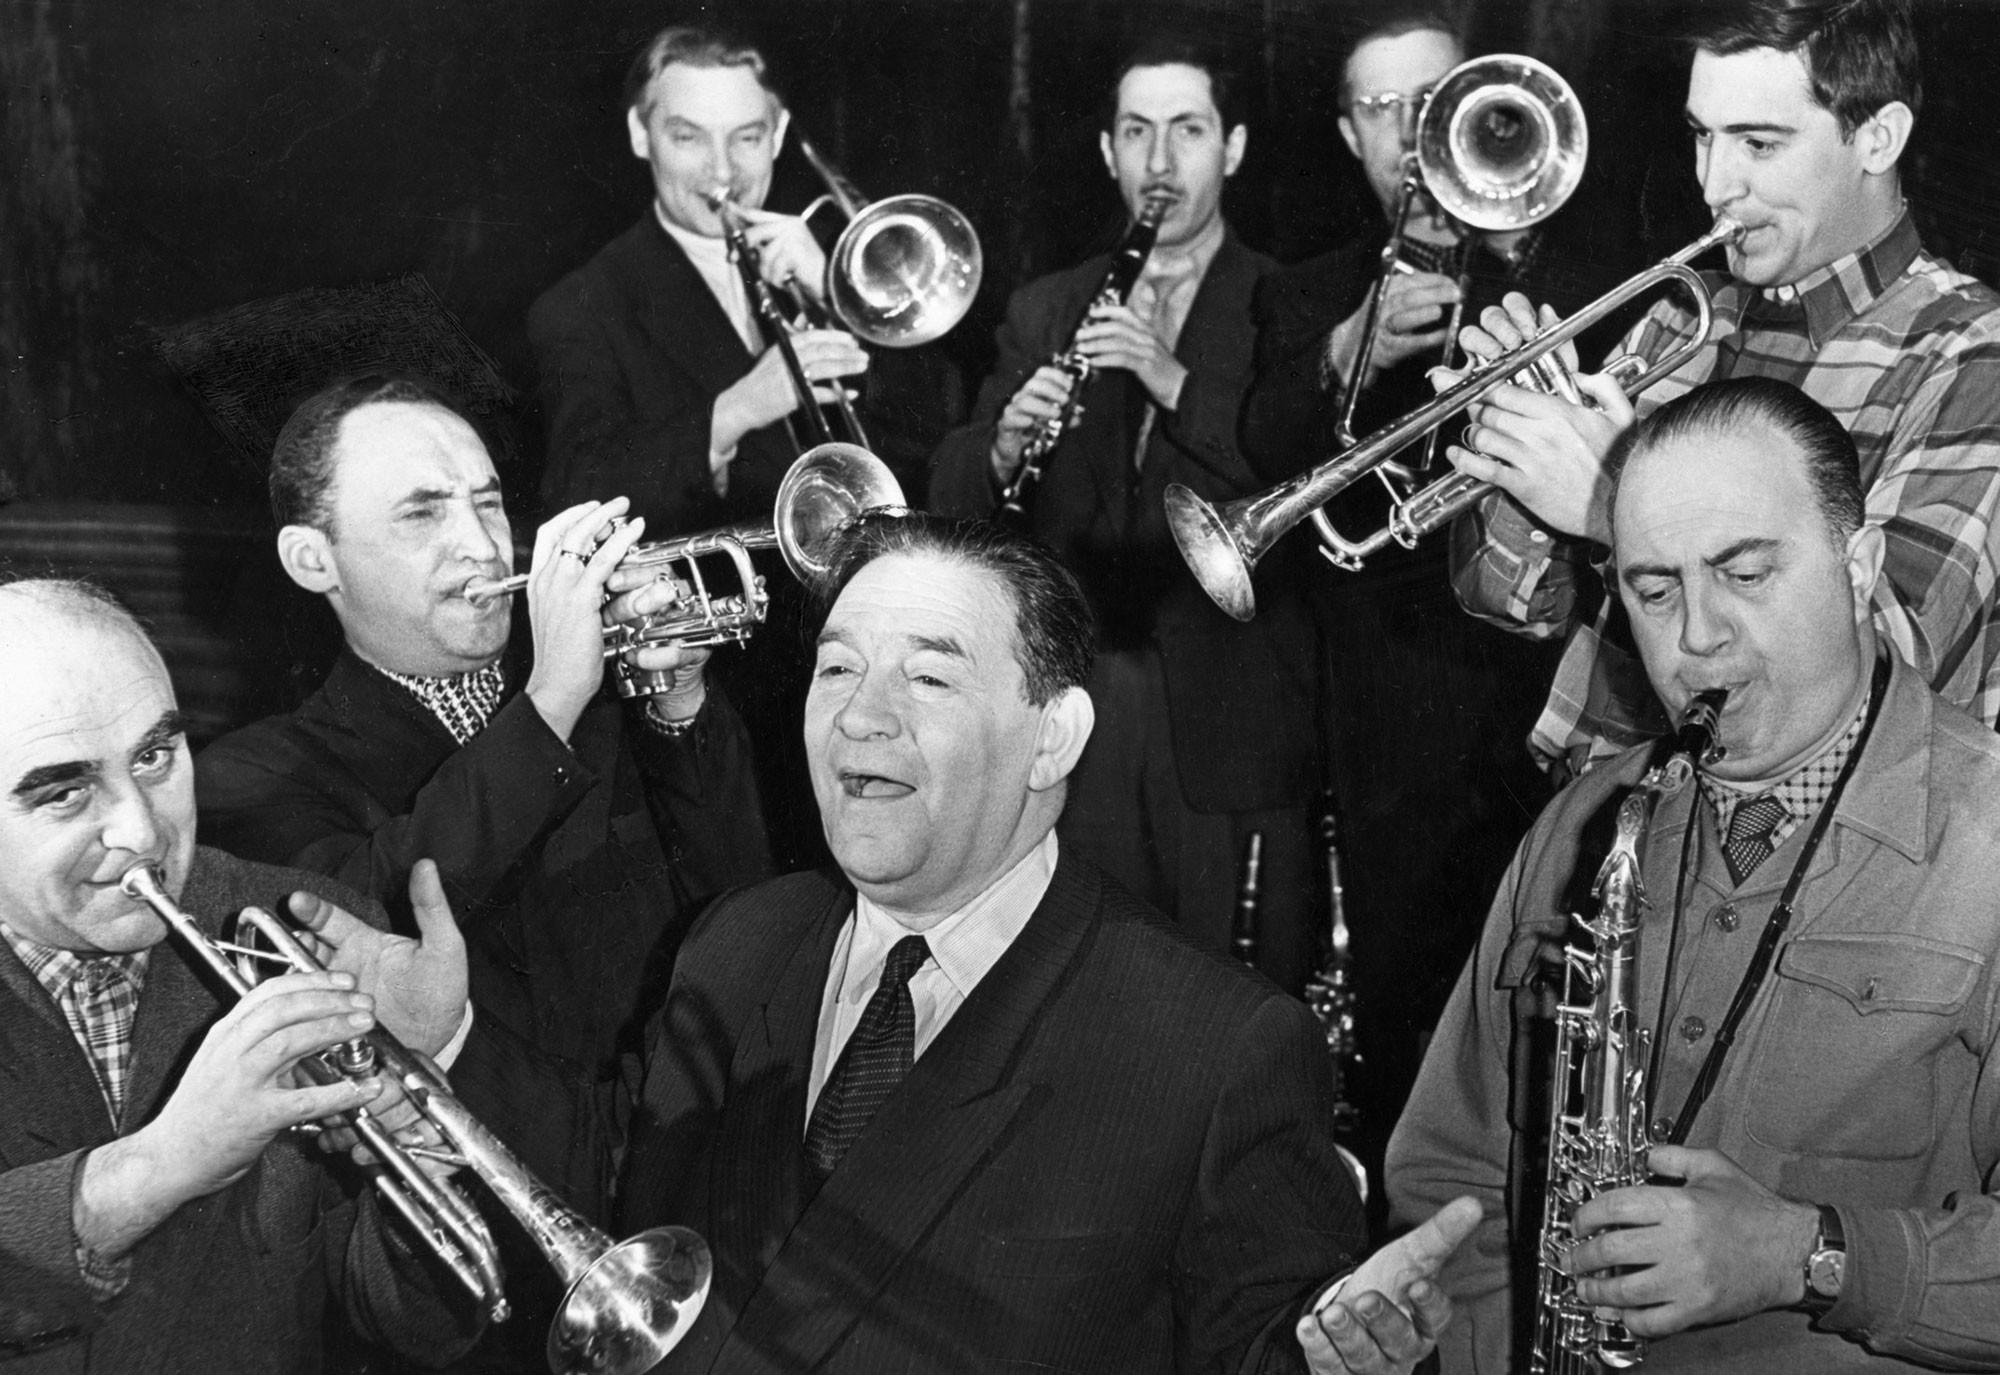 Леонид Утёсов с эстрадным оркестром РСФСР, 1950-е годы. Фото: © EAST NEWS